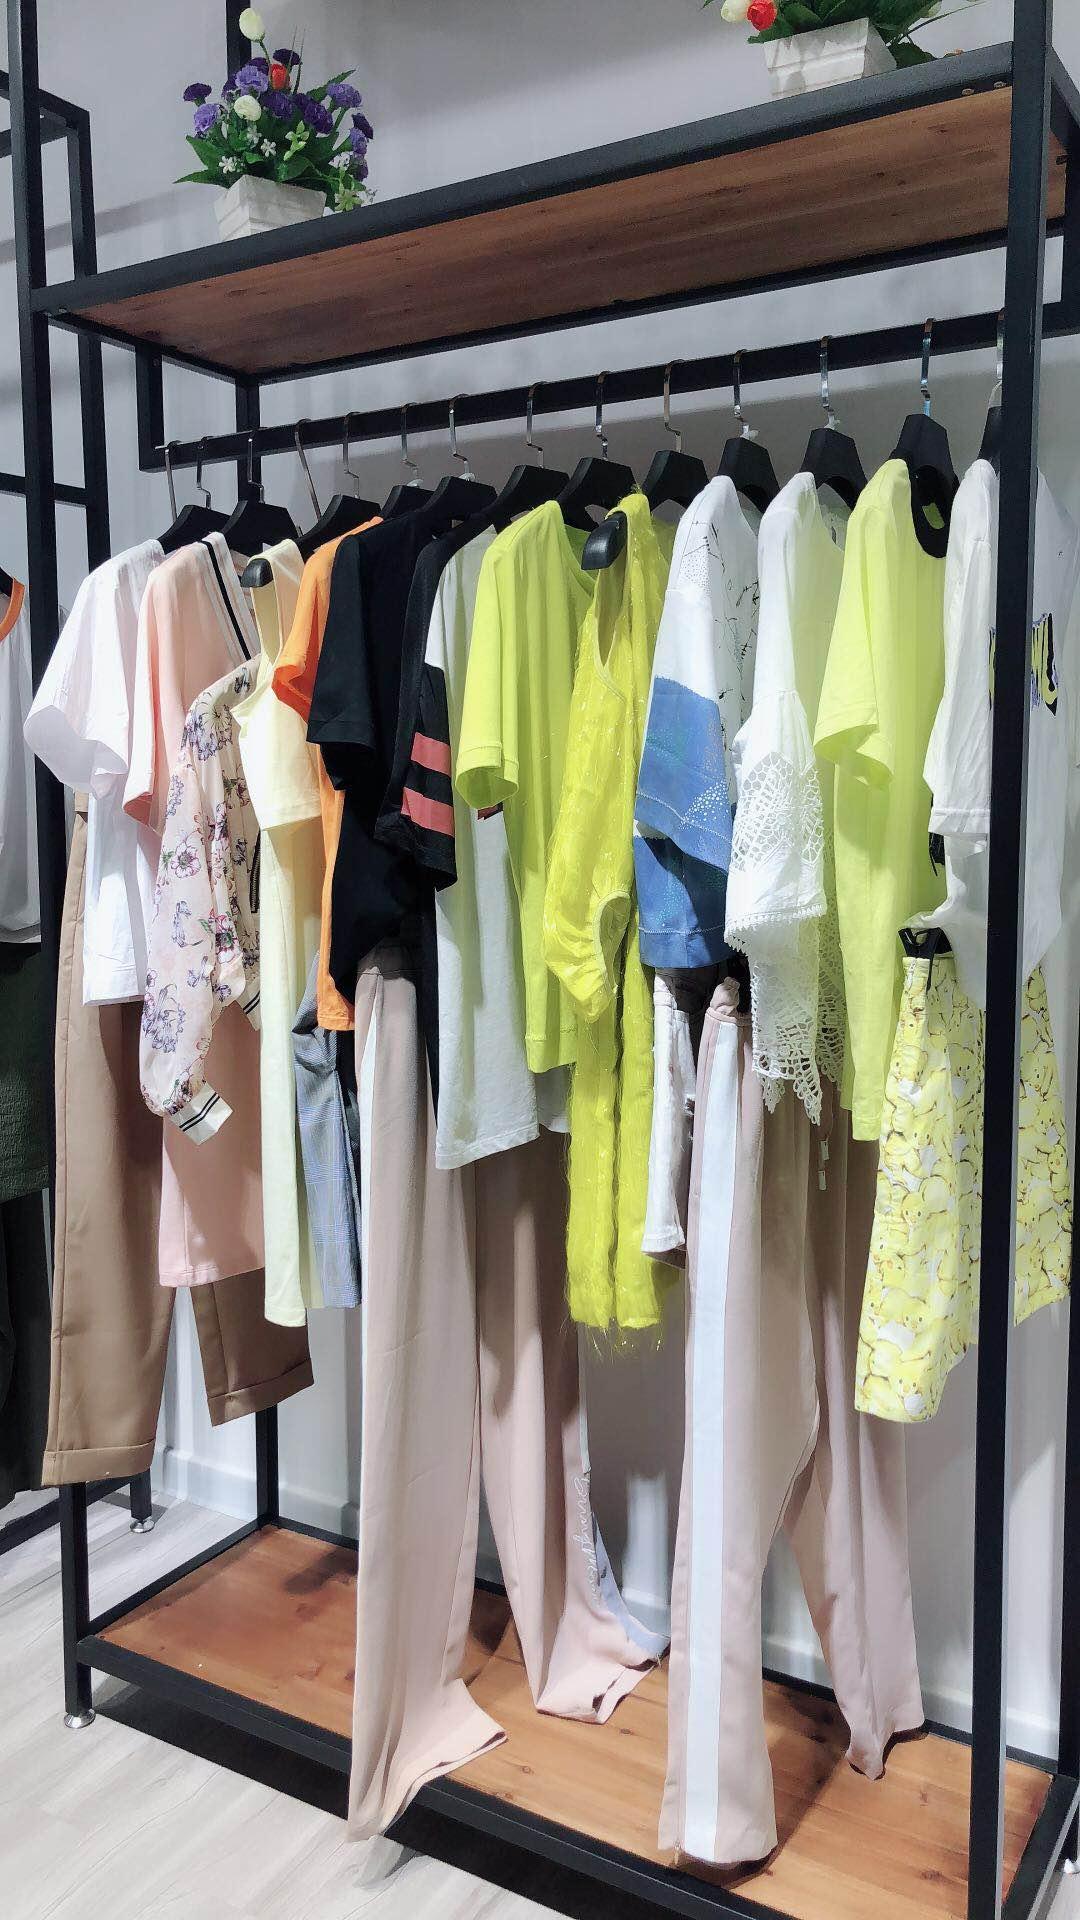 鑫晟恒服饰追逐时尚的道路上奋进蓬勃 女装招商